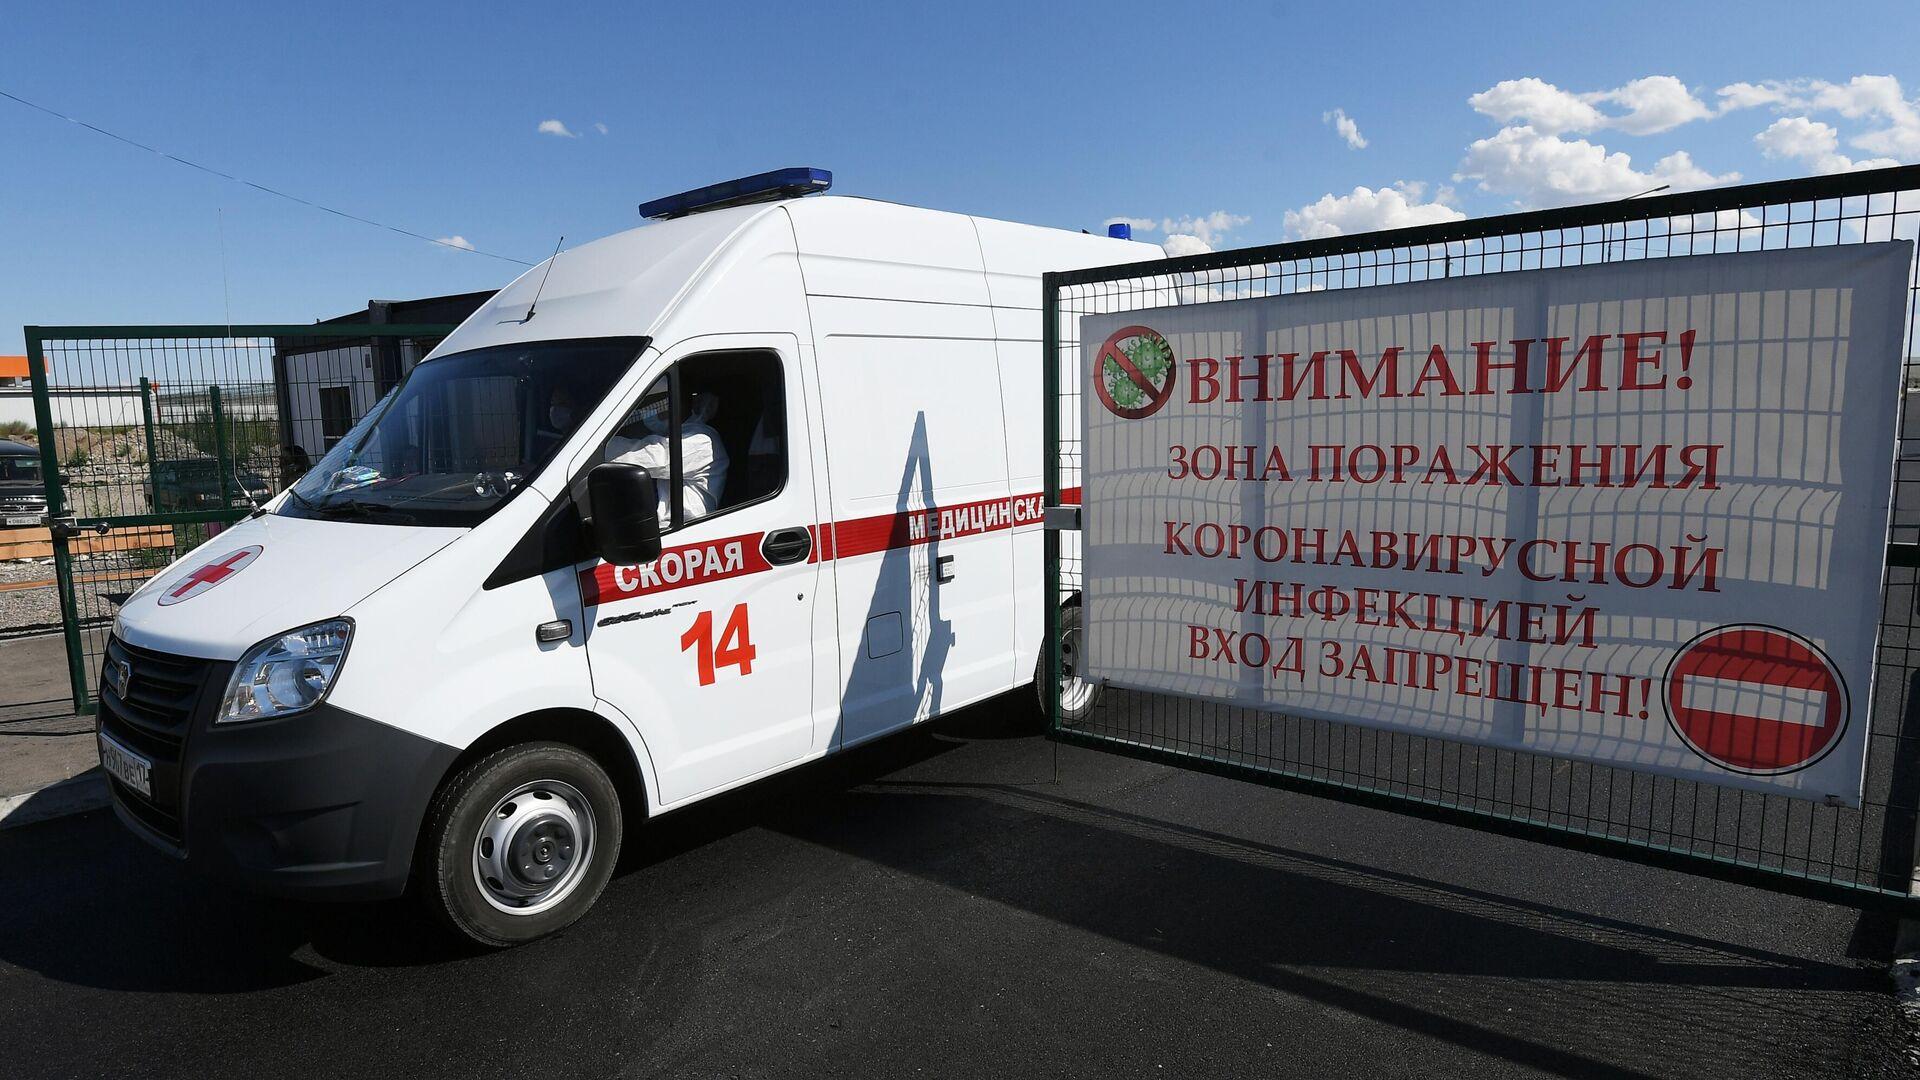 Автомобиль скорой медицинской помощи выезжает с территории многофункционального военного ковид-госпиталя в Кызыле - РИА Новости, 1920, 28.07.2021